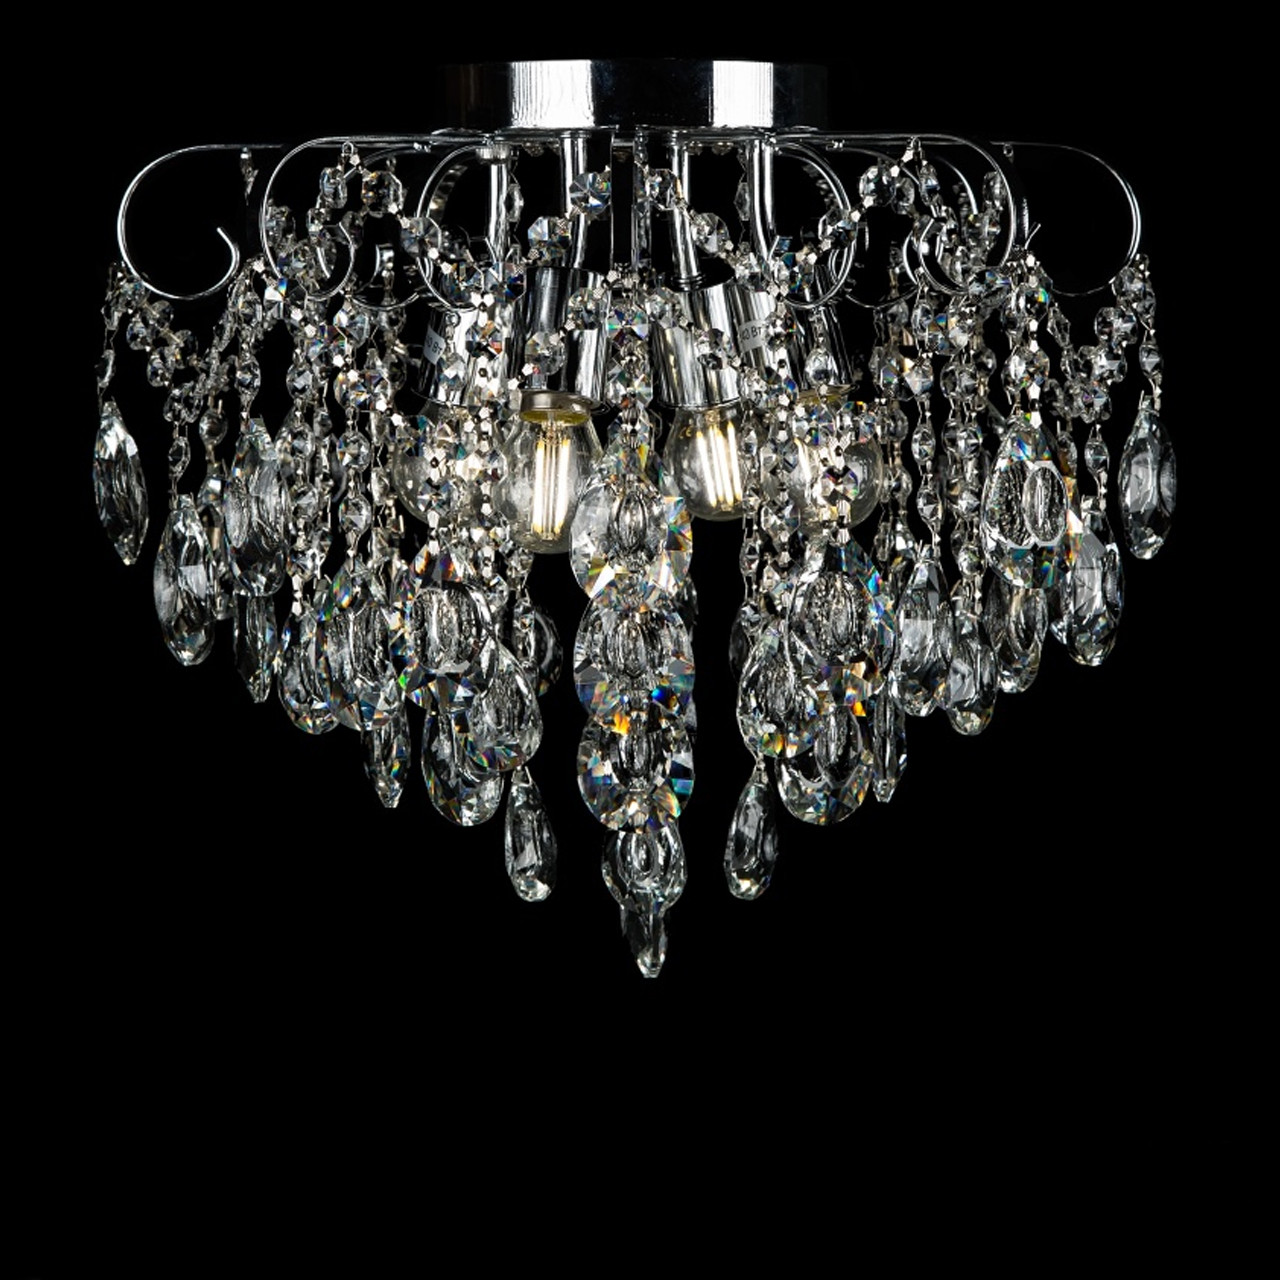 Хрустальная люстра на 4 лампы белая с хромом СветМира VL-L8651/4 (CR)